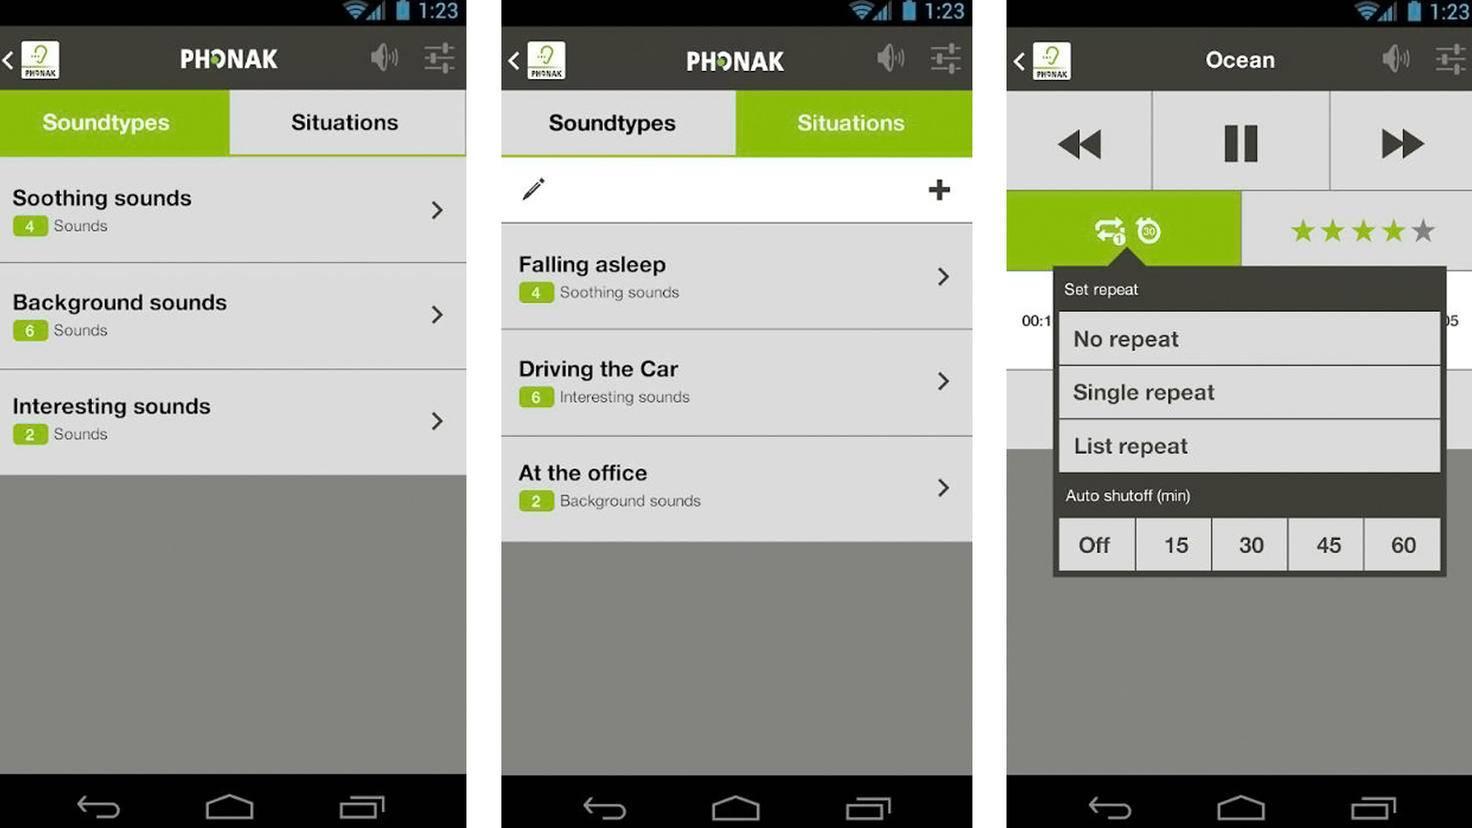 Tinnitus Balance App-Google Play Store-Phonak